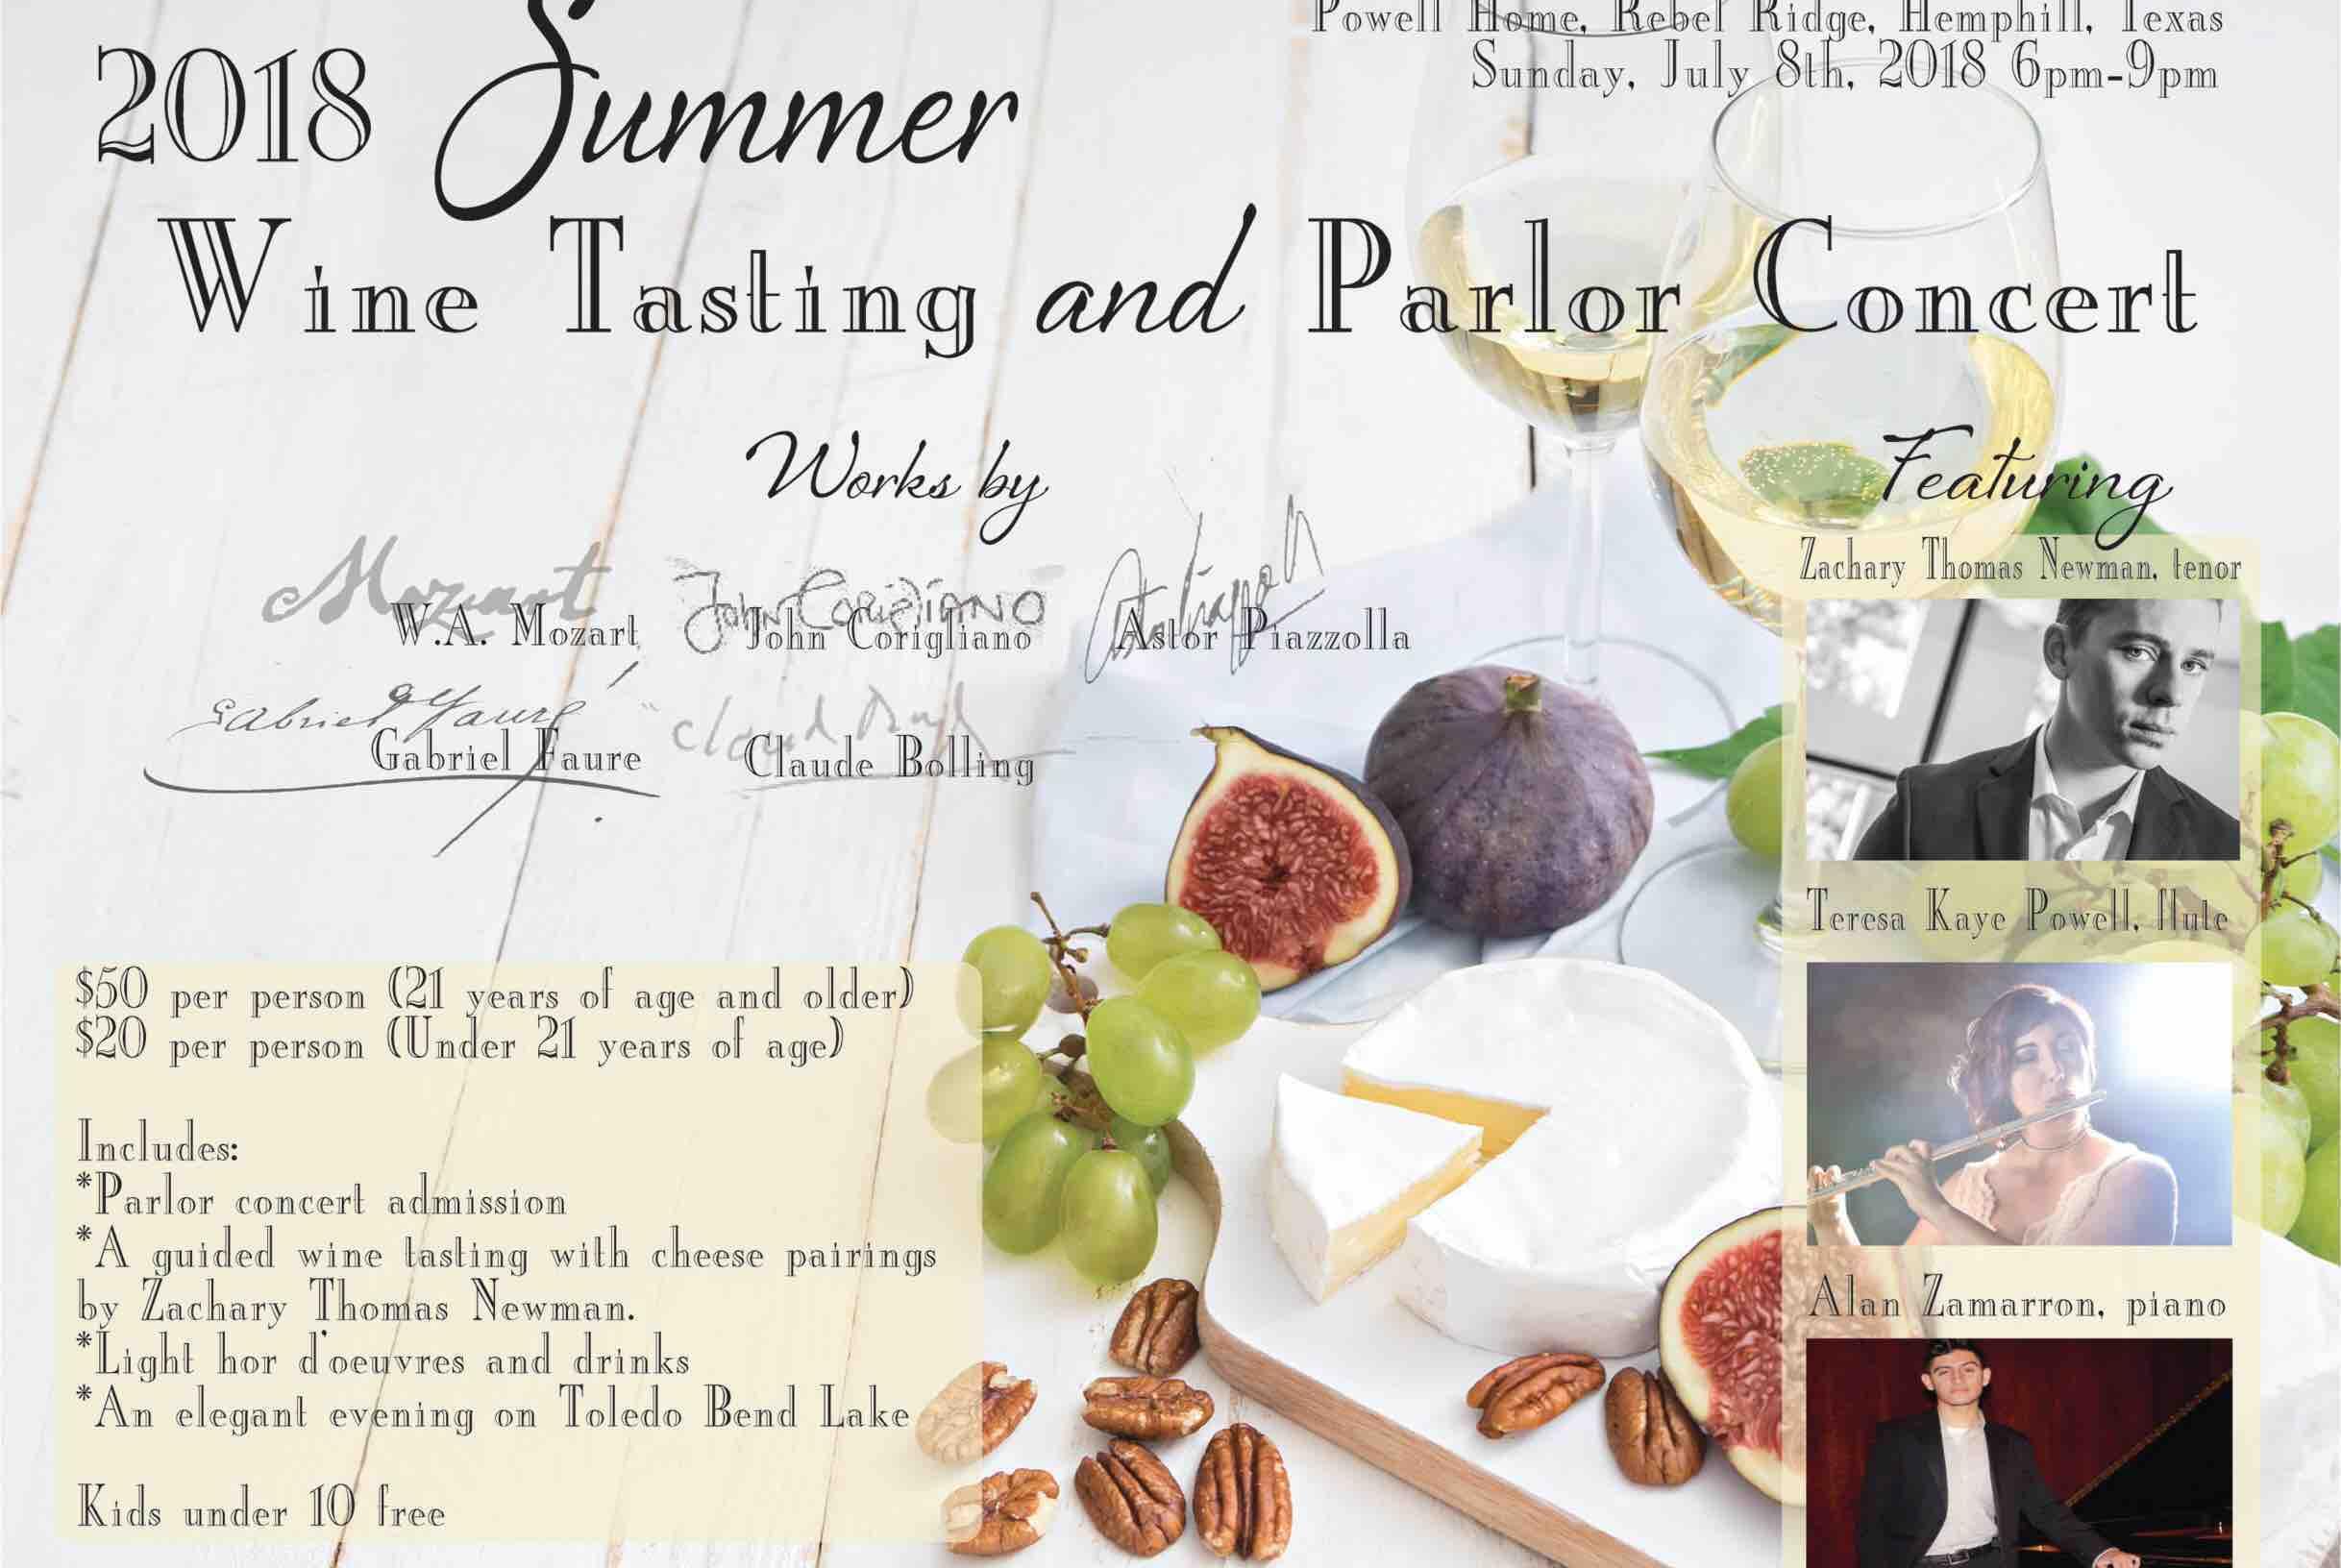 Fundraiser by Teresa Kaye Powell : Wine Tasting & Concert For CASA Kids